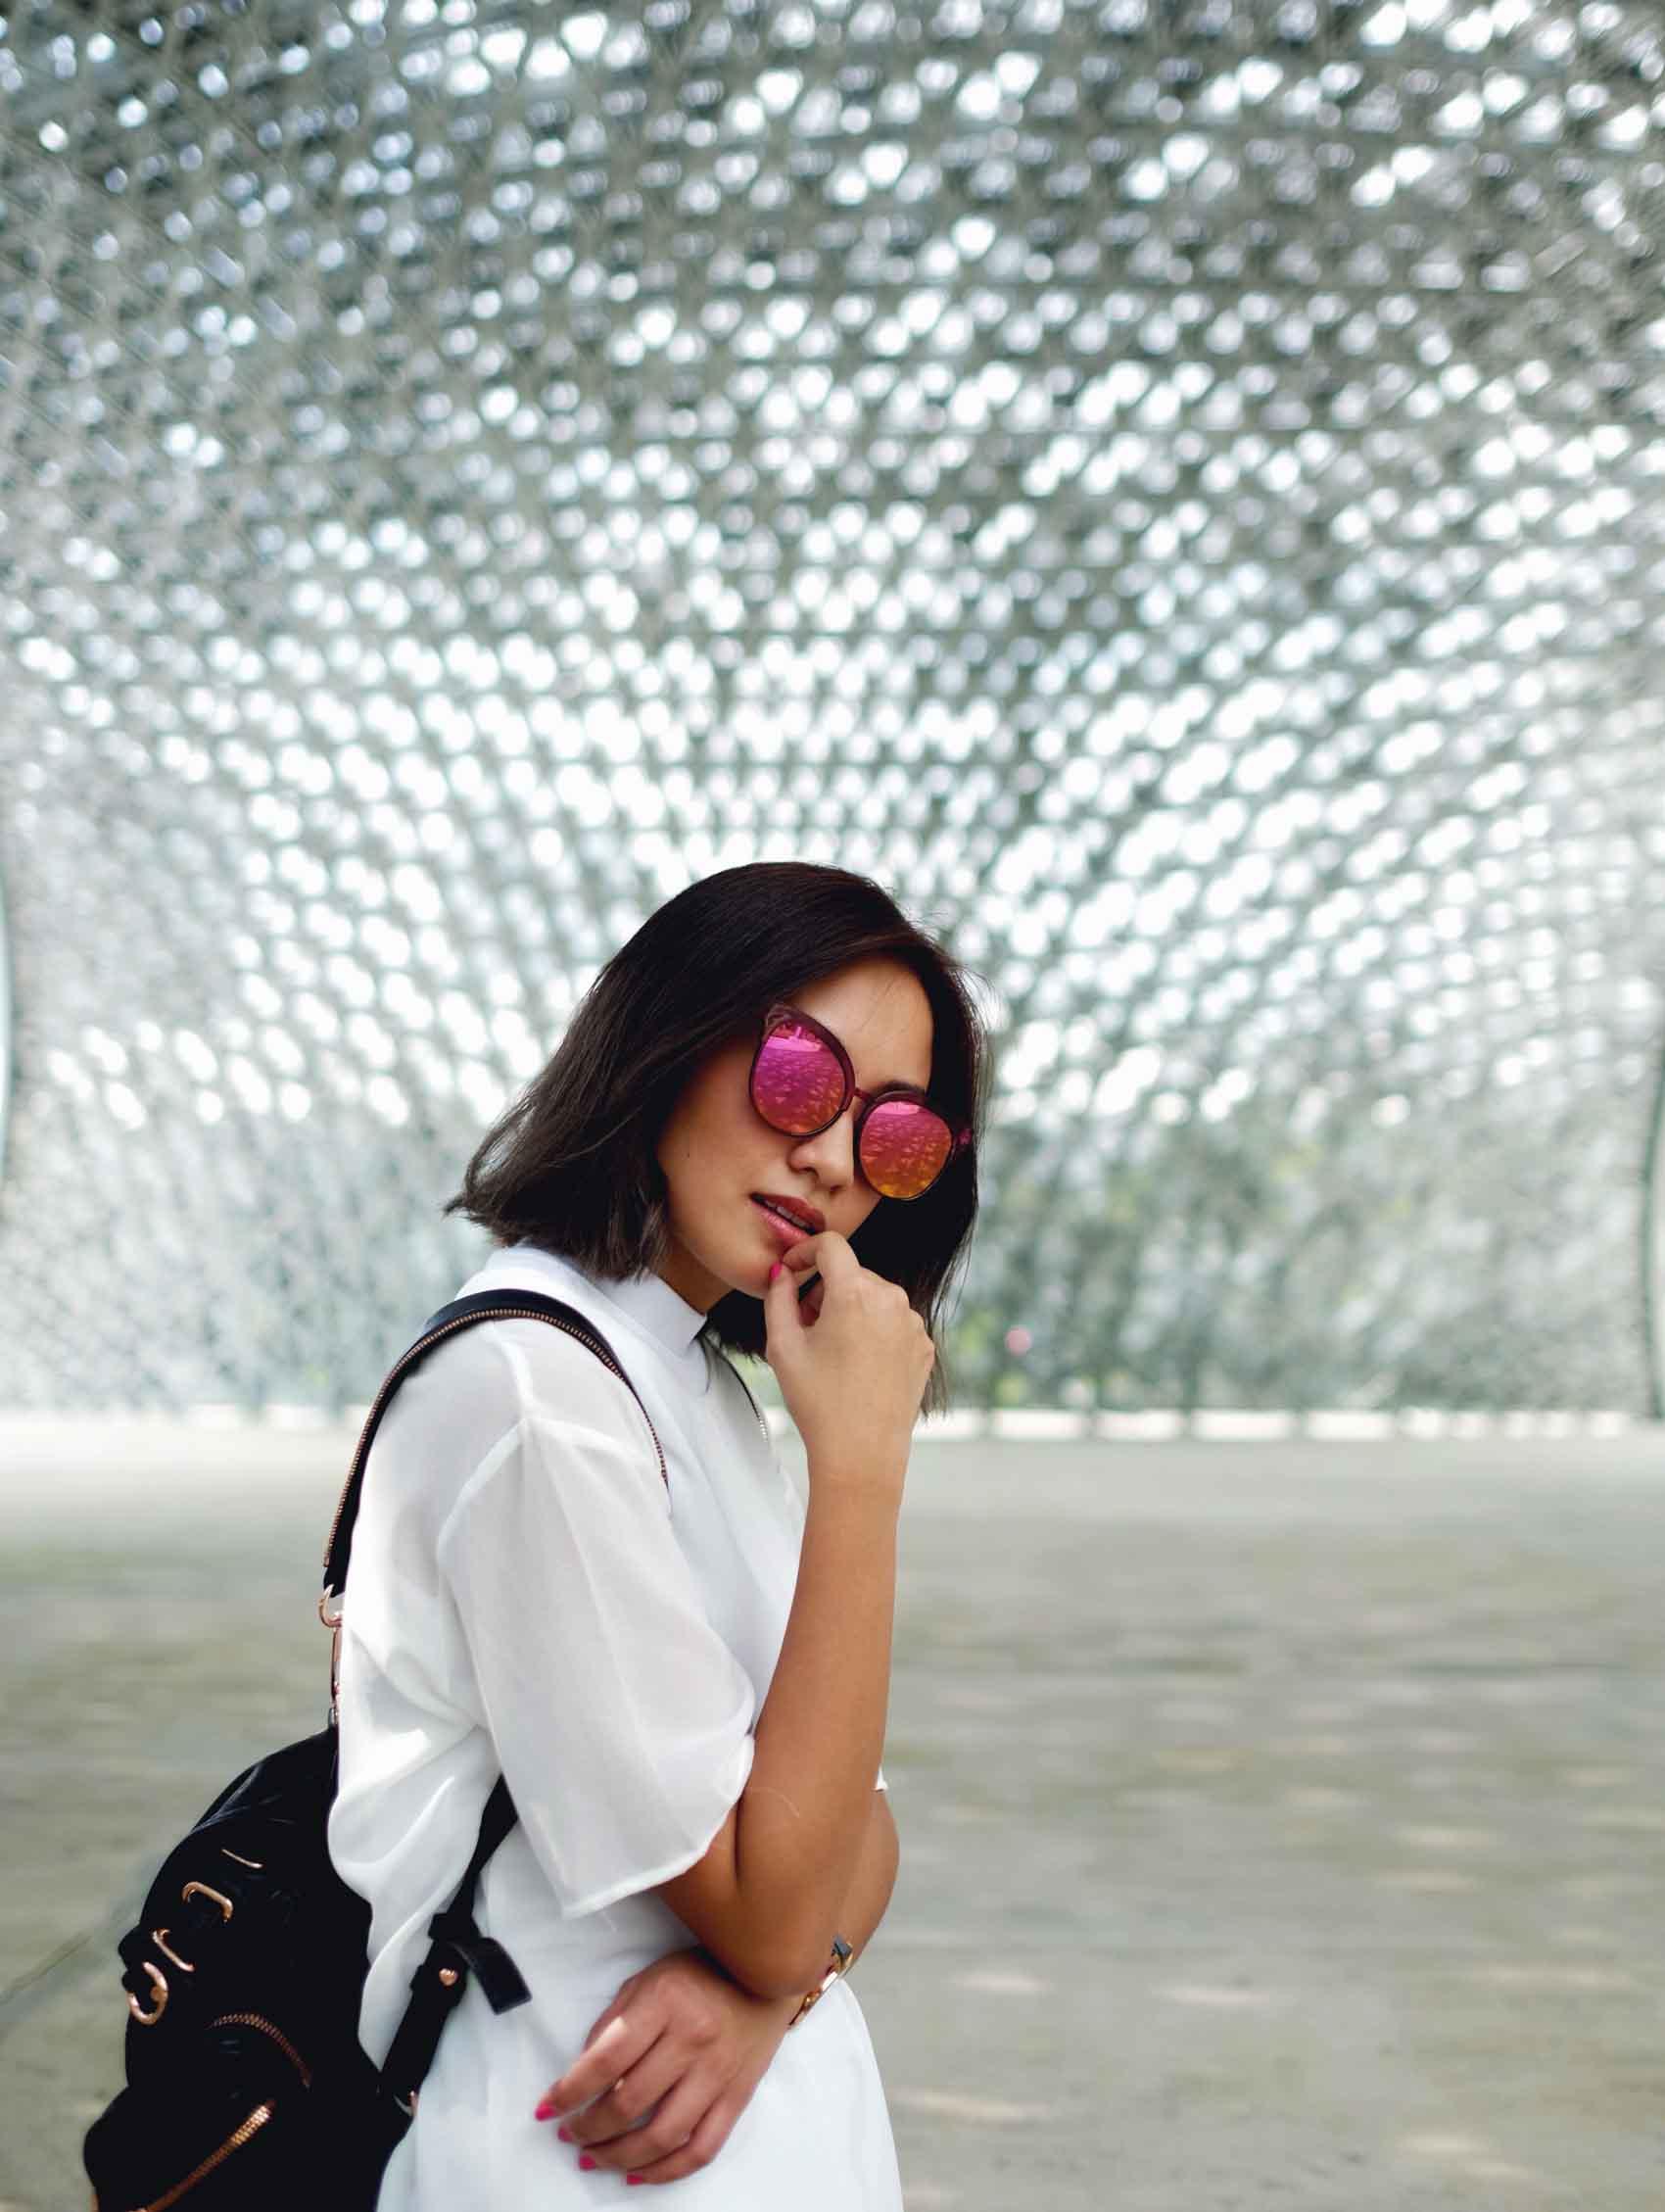 Singapore style 1